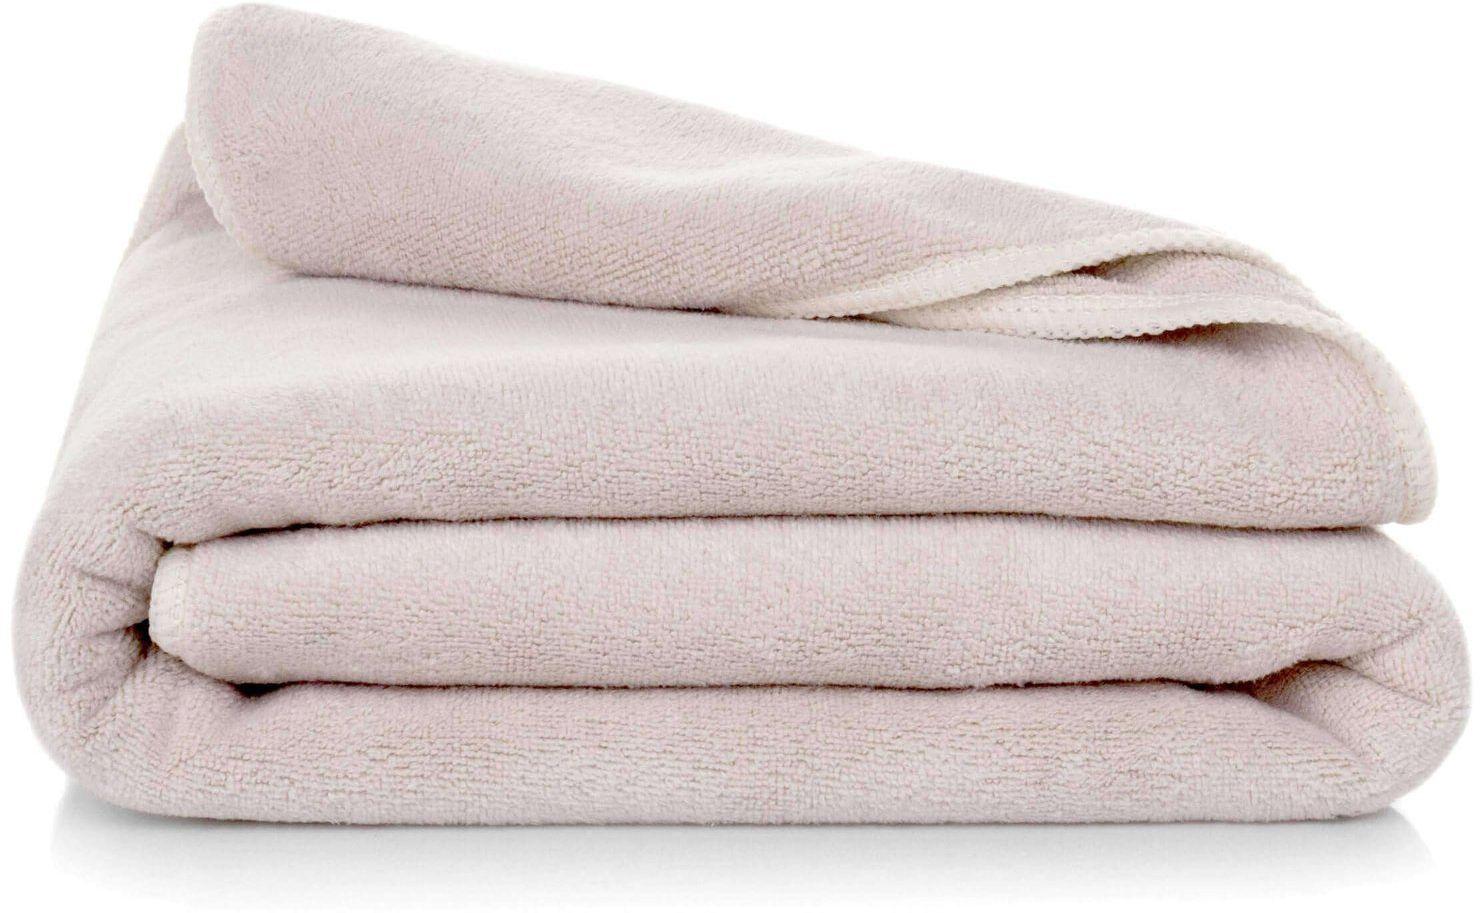 Ręcznik Kąpielowy Eurofirany Amy 02 380 g/m2 Beżowy 70x140